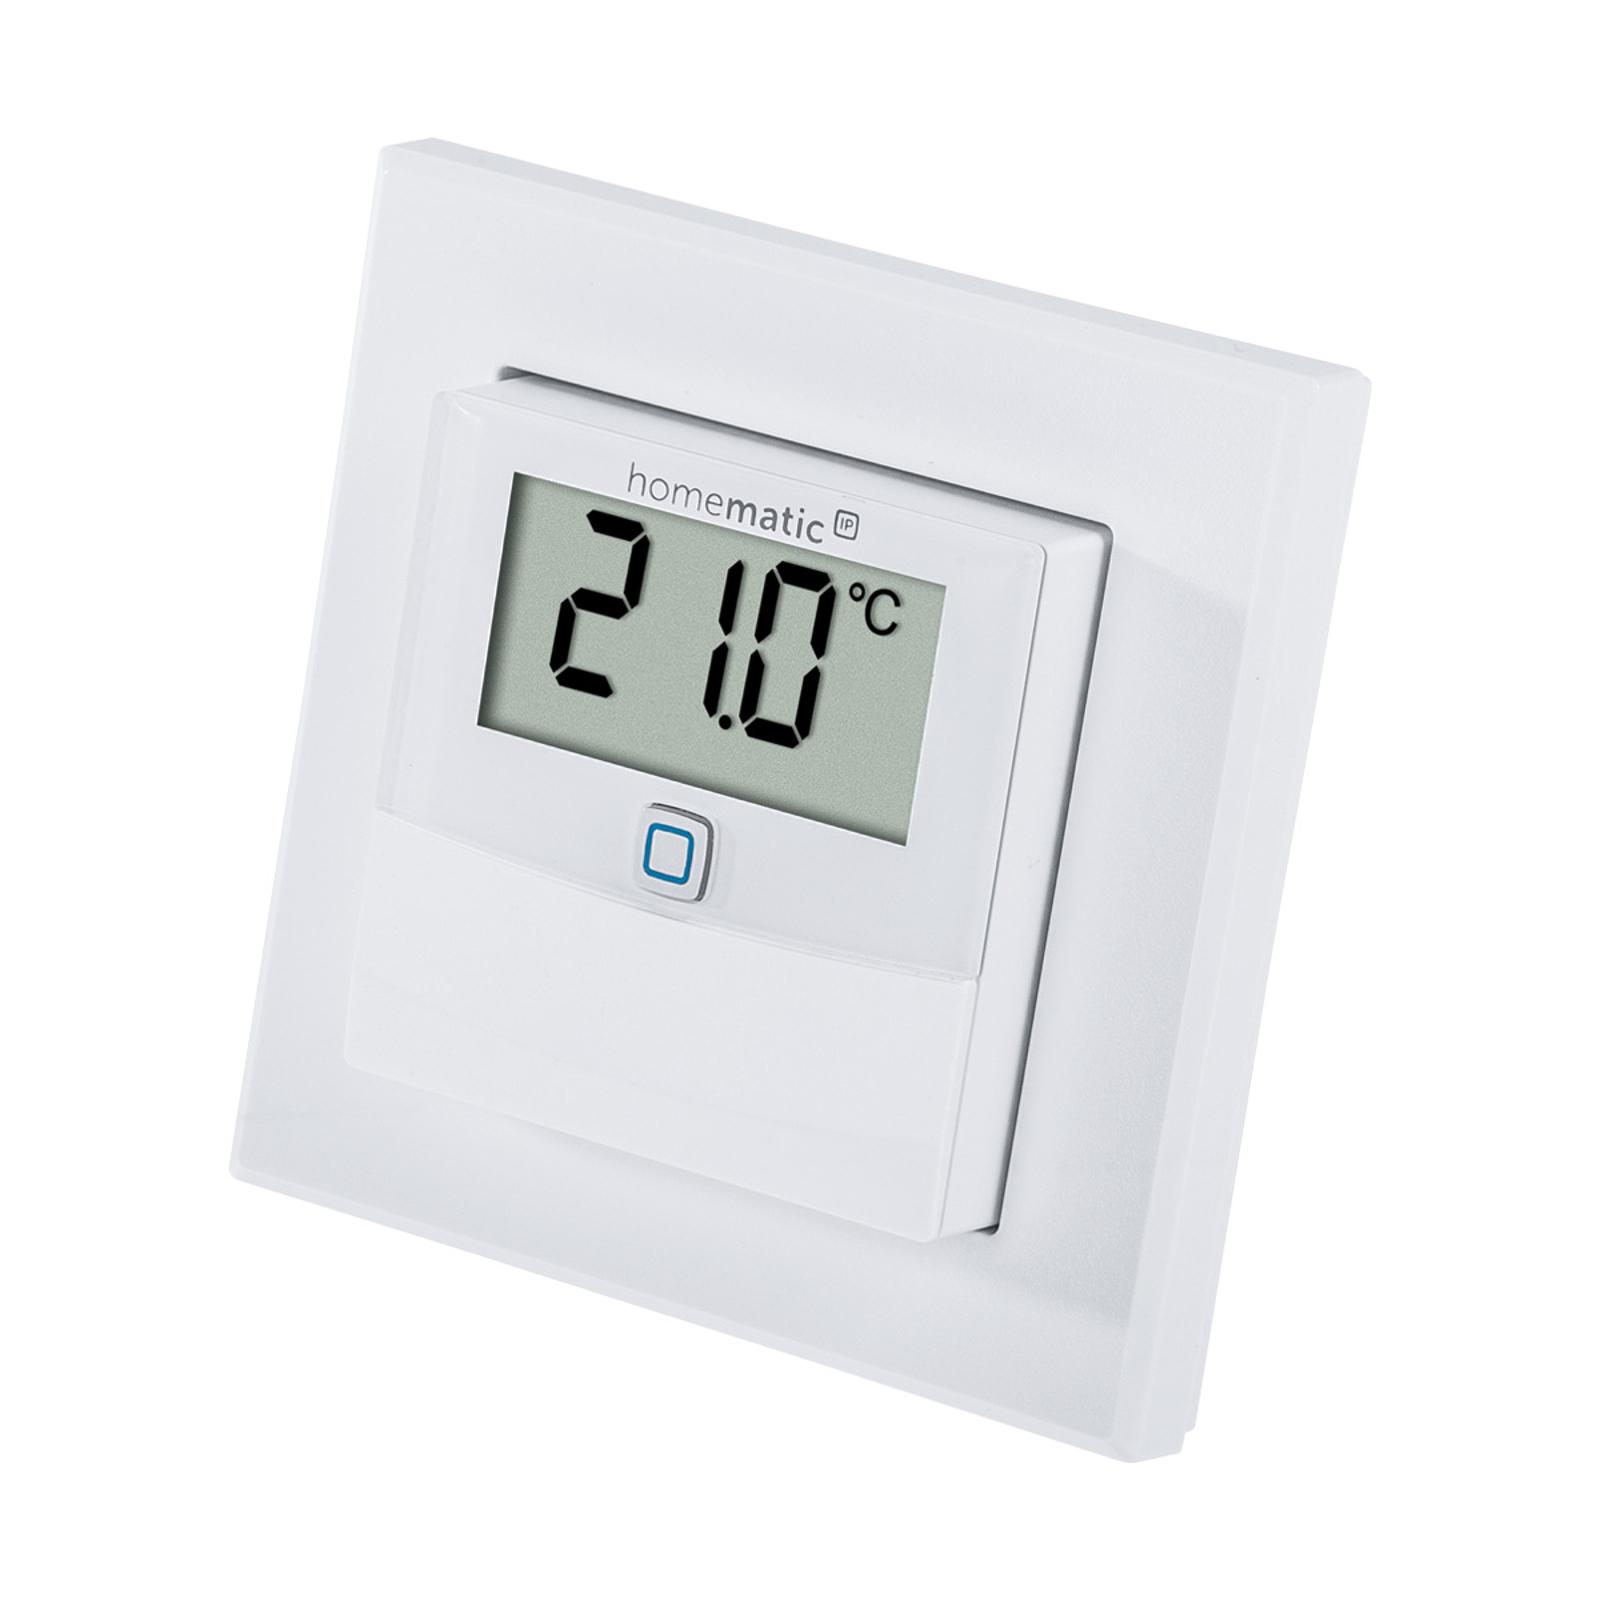 Homematic IP-temperatur-/fuktighetssensorskjerm